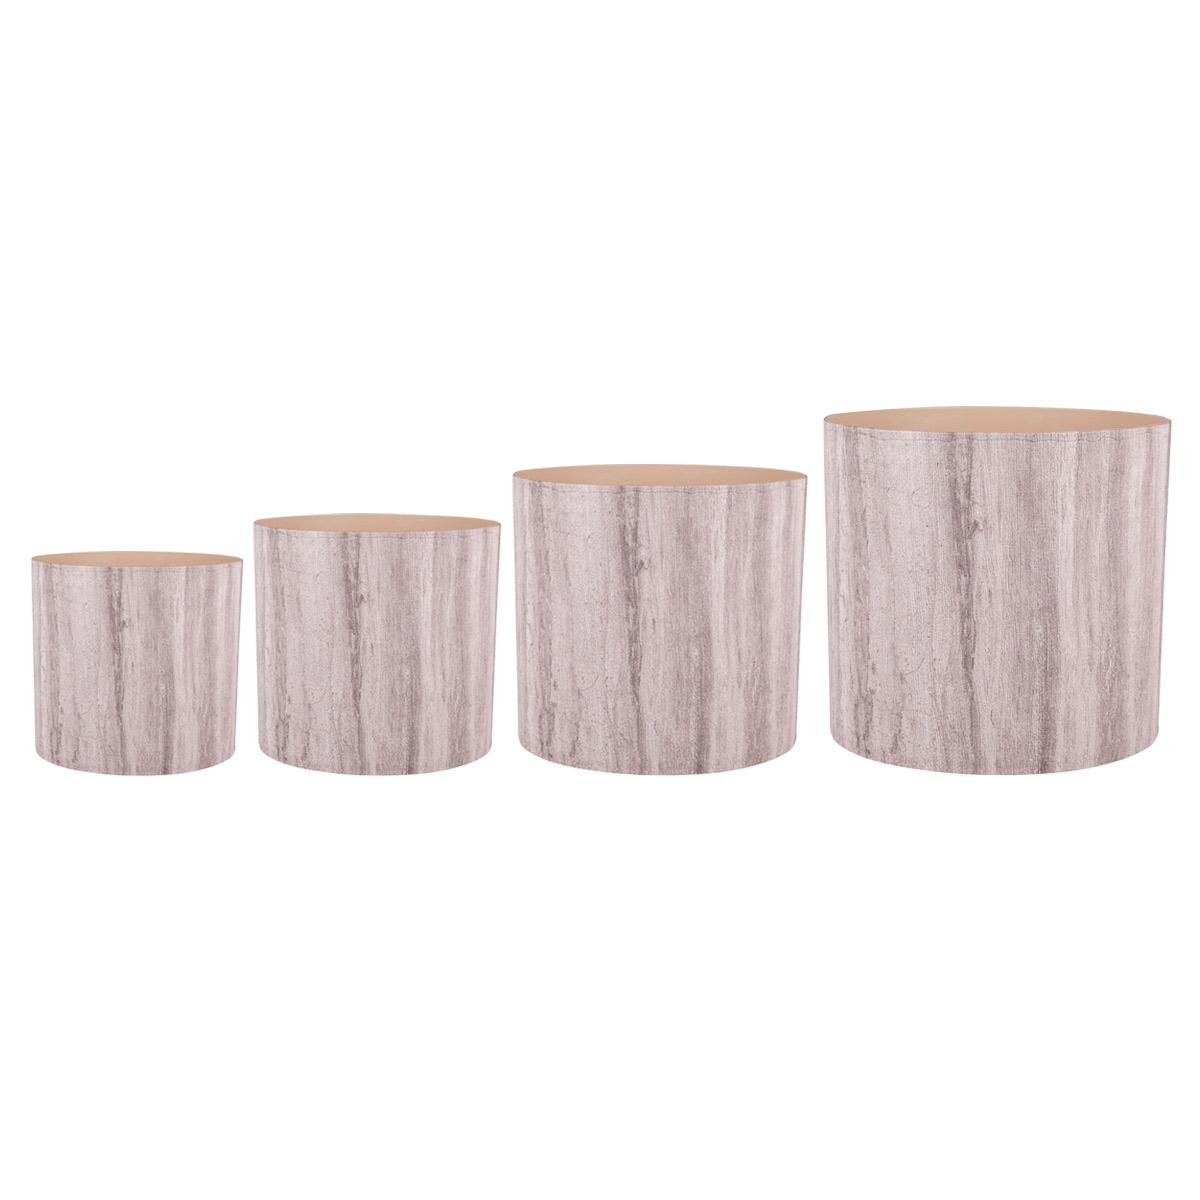 Набор горшков для цветов Miolla Бежевый ламинат, со скрытым поддоном, 4 предметаSMG-SET22Набор Miolla Бежевый ламинат состоит из 4 горшков со скрытыми поддонами. Горшки выполнены из пластика. Изделия предназначены для цветов. Изделия оснащены специальными скрытыми поддонами. Диаметр горшков: 20,5 см, 16,5 см, 13,5 см, 11,5 см. Высота горшков (с учетом поддона): 19 см, 16 см, 13,5 см, 11,5 см. Объем горшков: 1 л, 1,7 л, 2,8 л, 5,1 л.